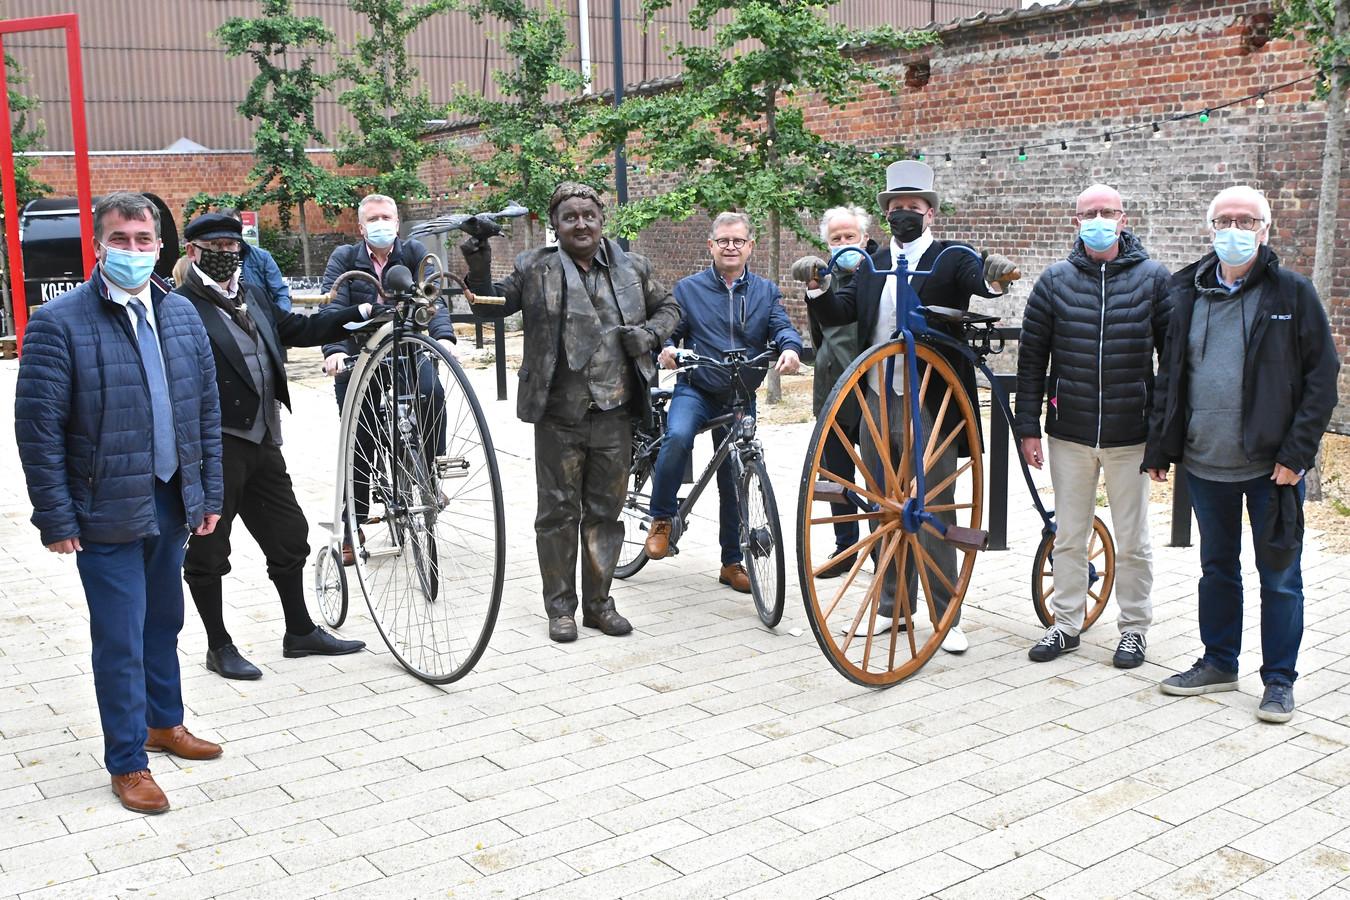 Het Rodenbachjaar werd dinsdagavond afgetrapt met een fietstocht langs enkele hotspots uit het feestjaar.